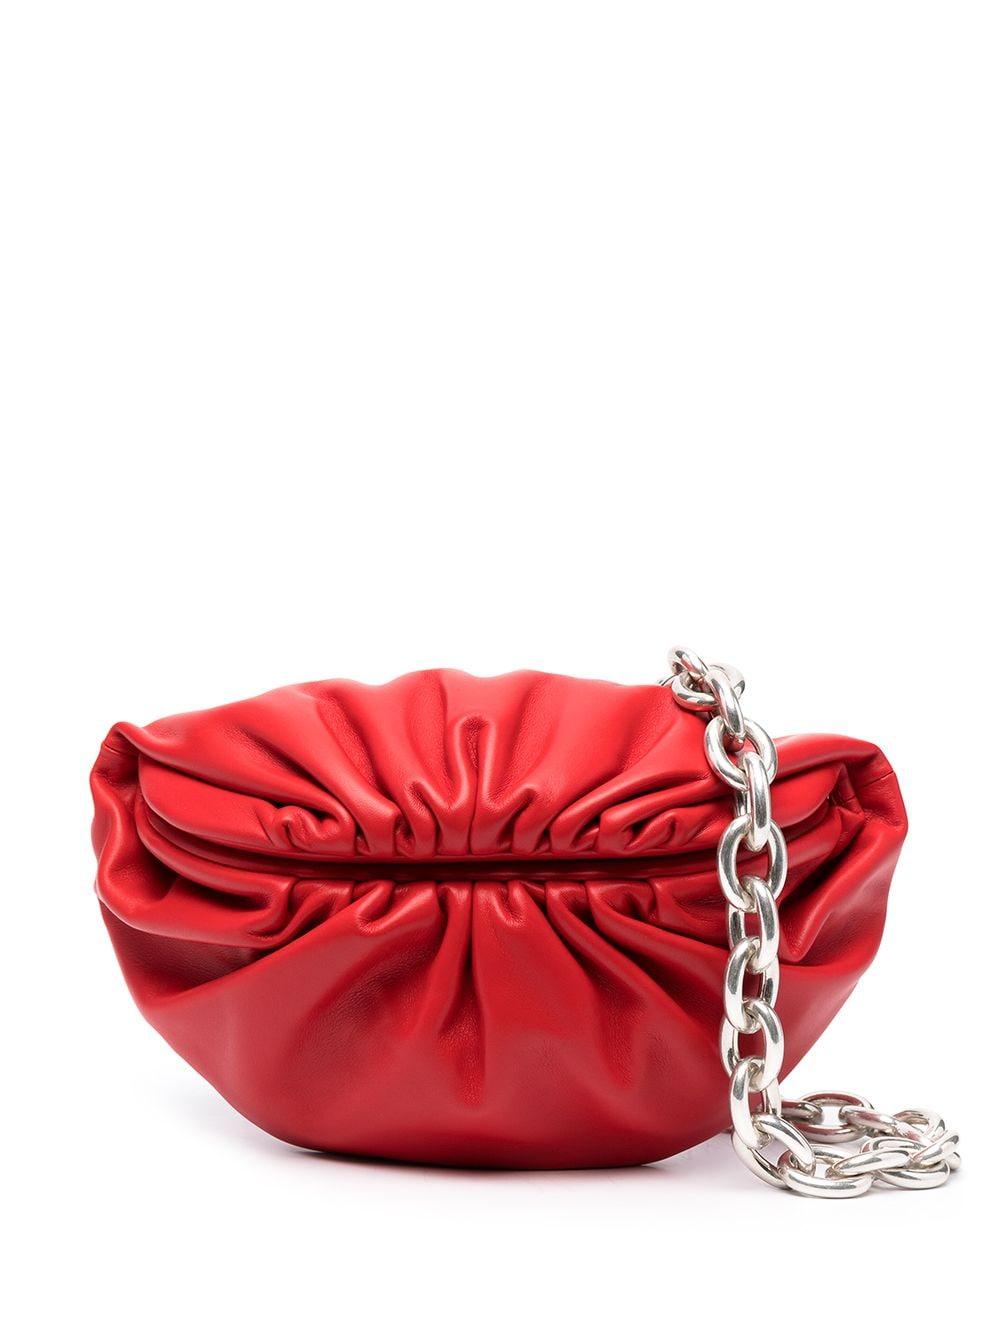 Bottega Veneta The Belt Chain Pouch Clutch - Rot